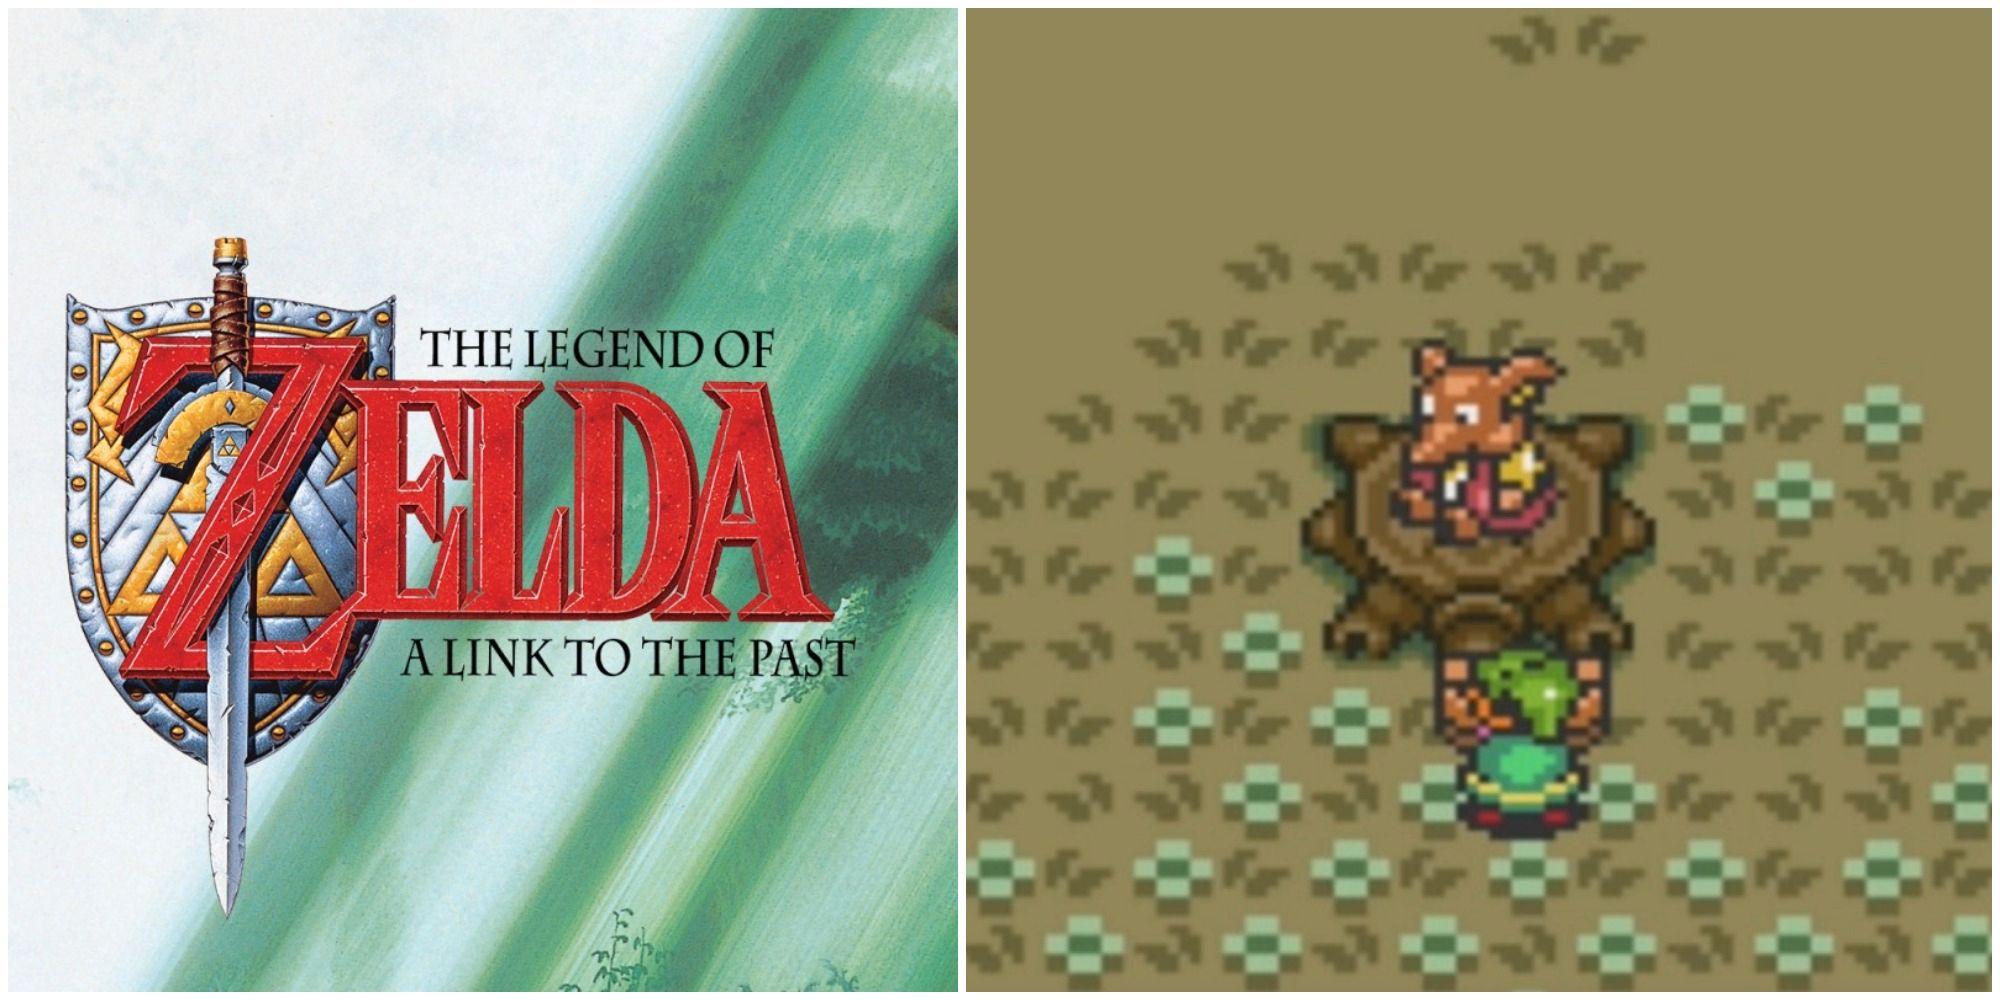 Zelda: un vínculo con el pasado: dónde conseguir la flauta